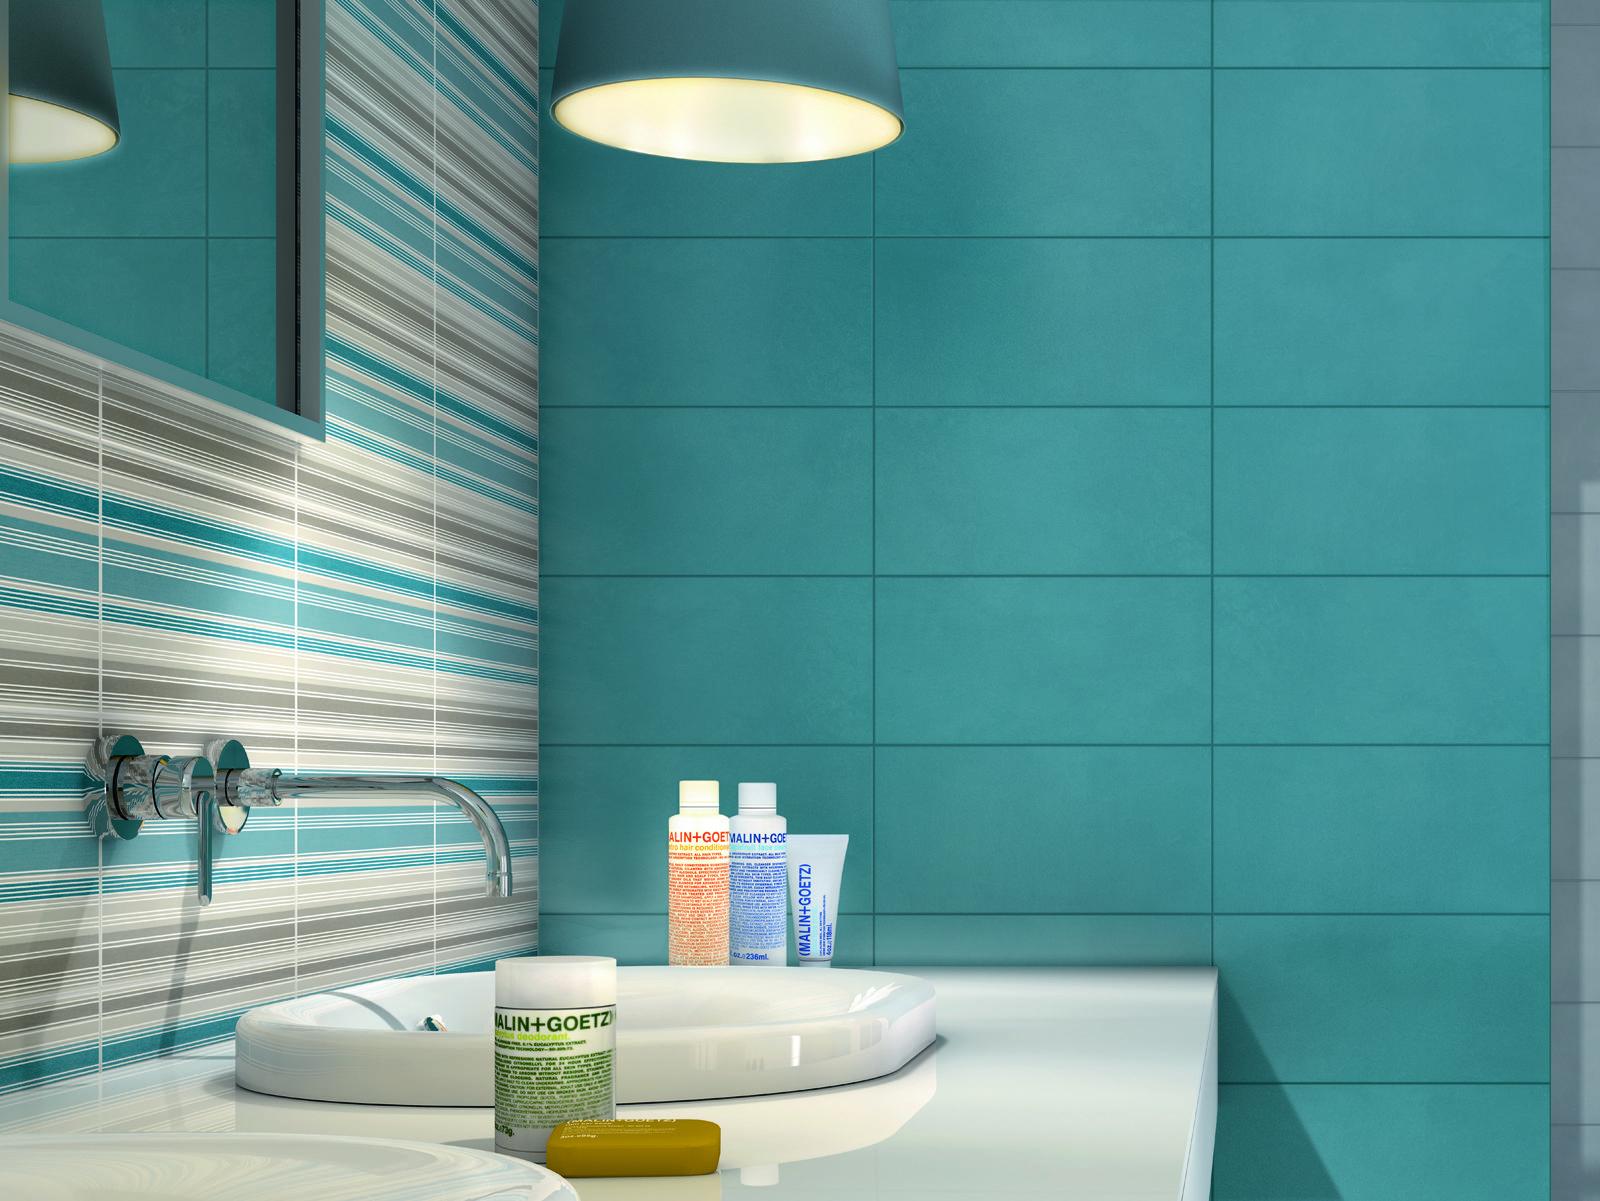 Risultati immagini per piastrelle bagno azzurre e bianche - Immagini piastrelle bagno ...